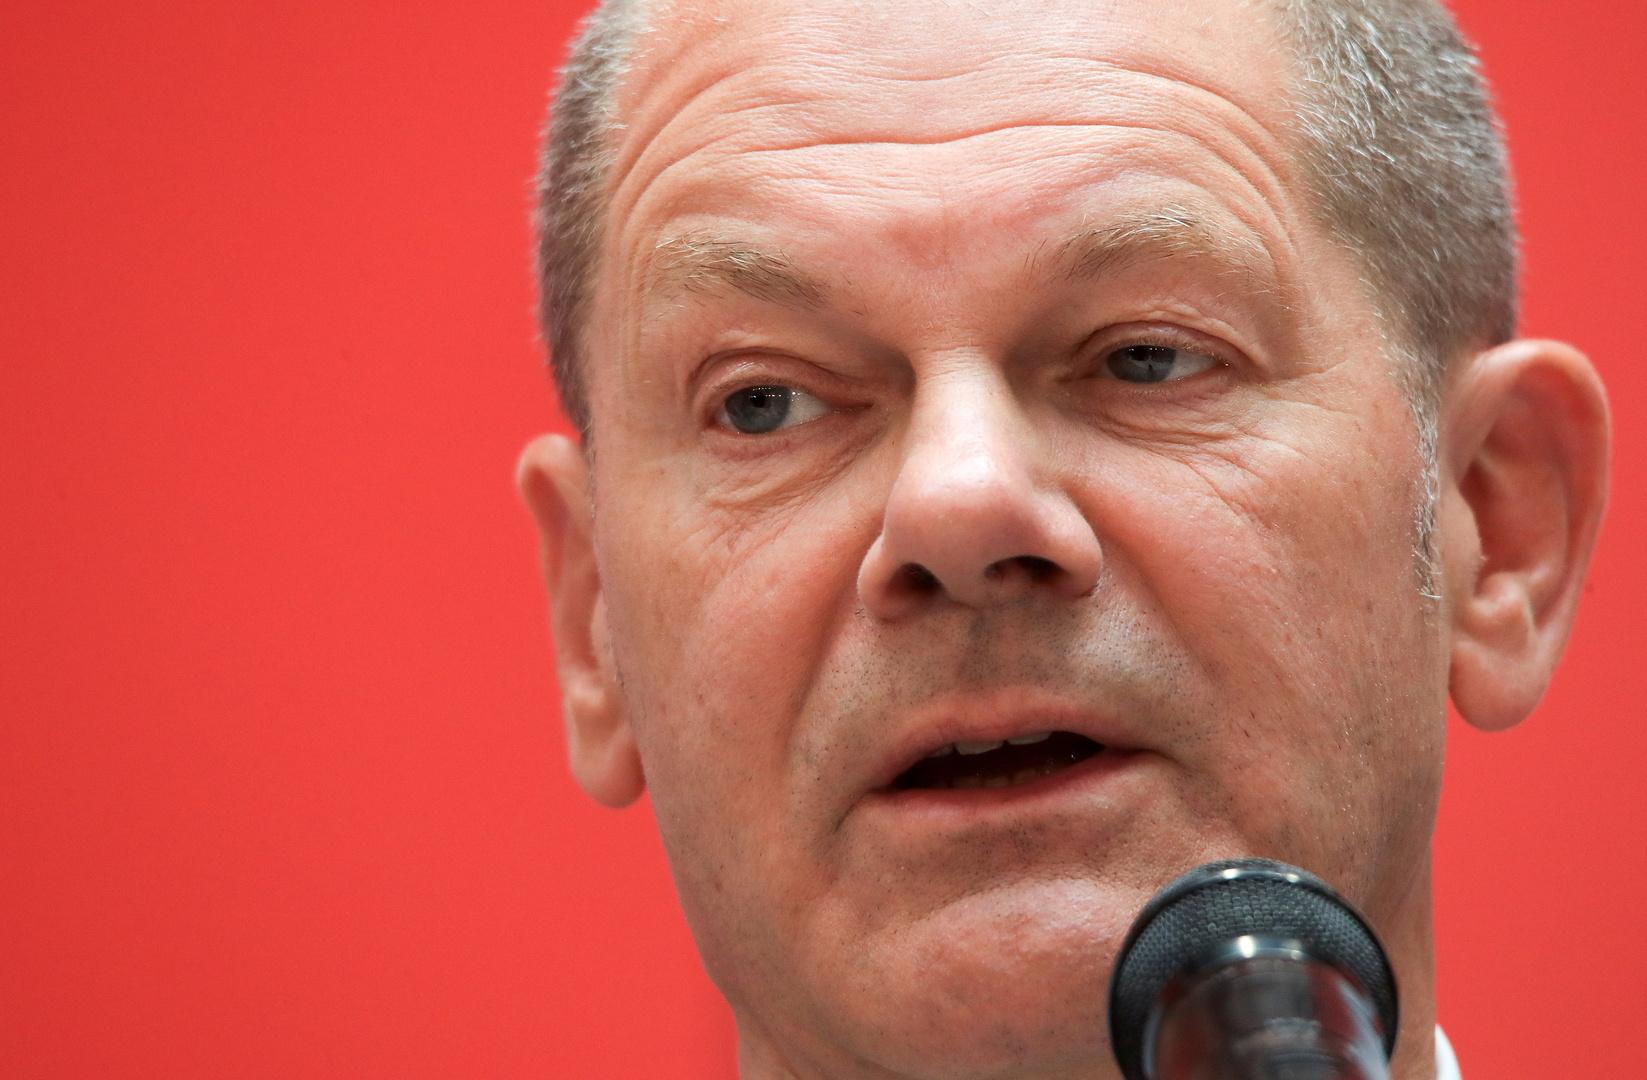 زعيم الحزب الاشتراكي الديمقراطي الألماني أولاف شولتز